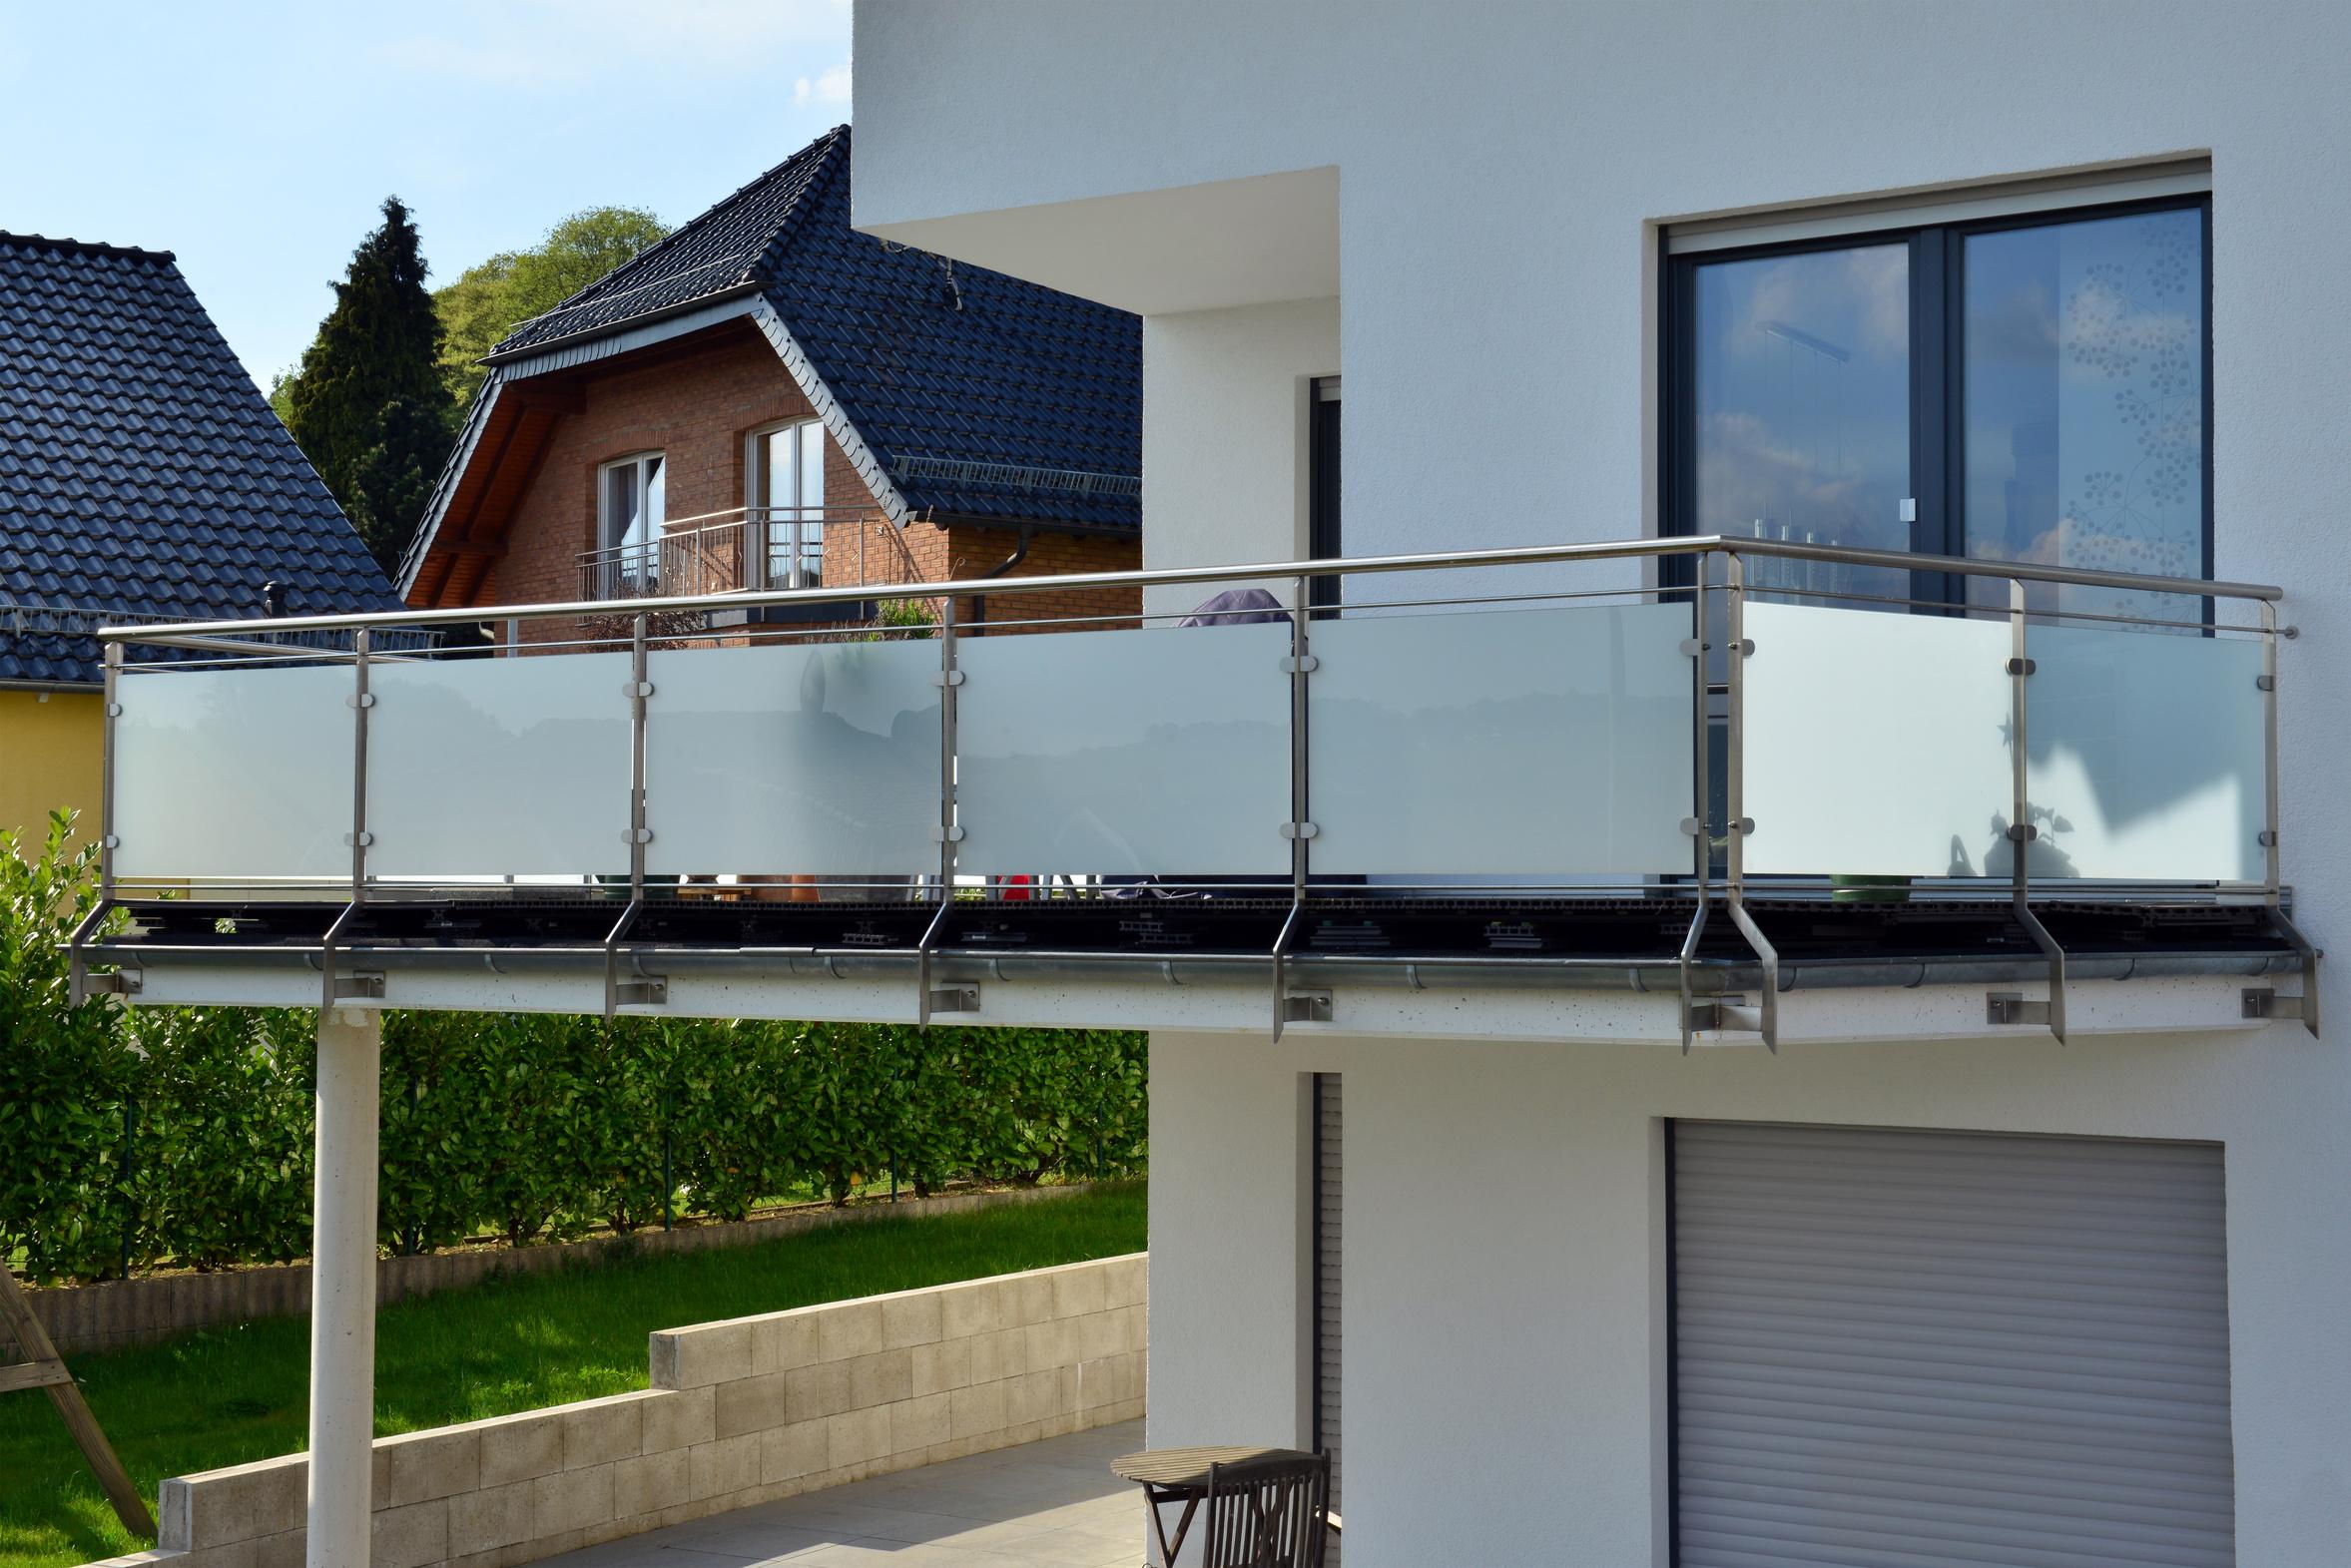 mg bauelemente fenster t ren garagentore wintergarten in idar oberstein freisen. Black Bedroom Furniture Sets. Home Design Ideas